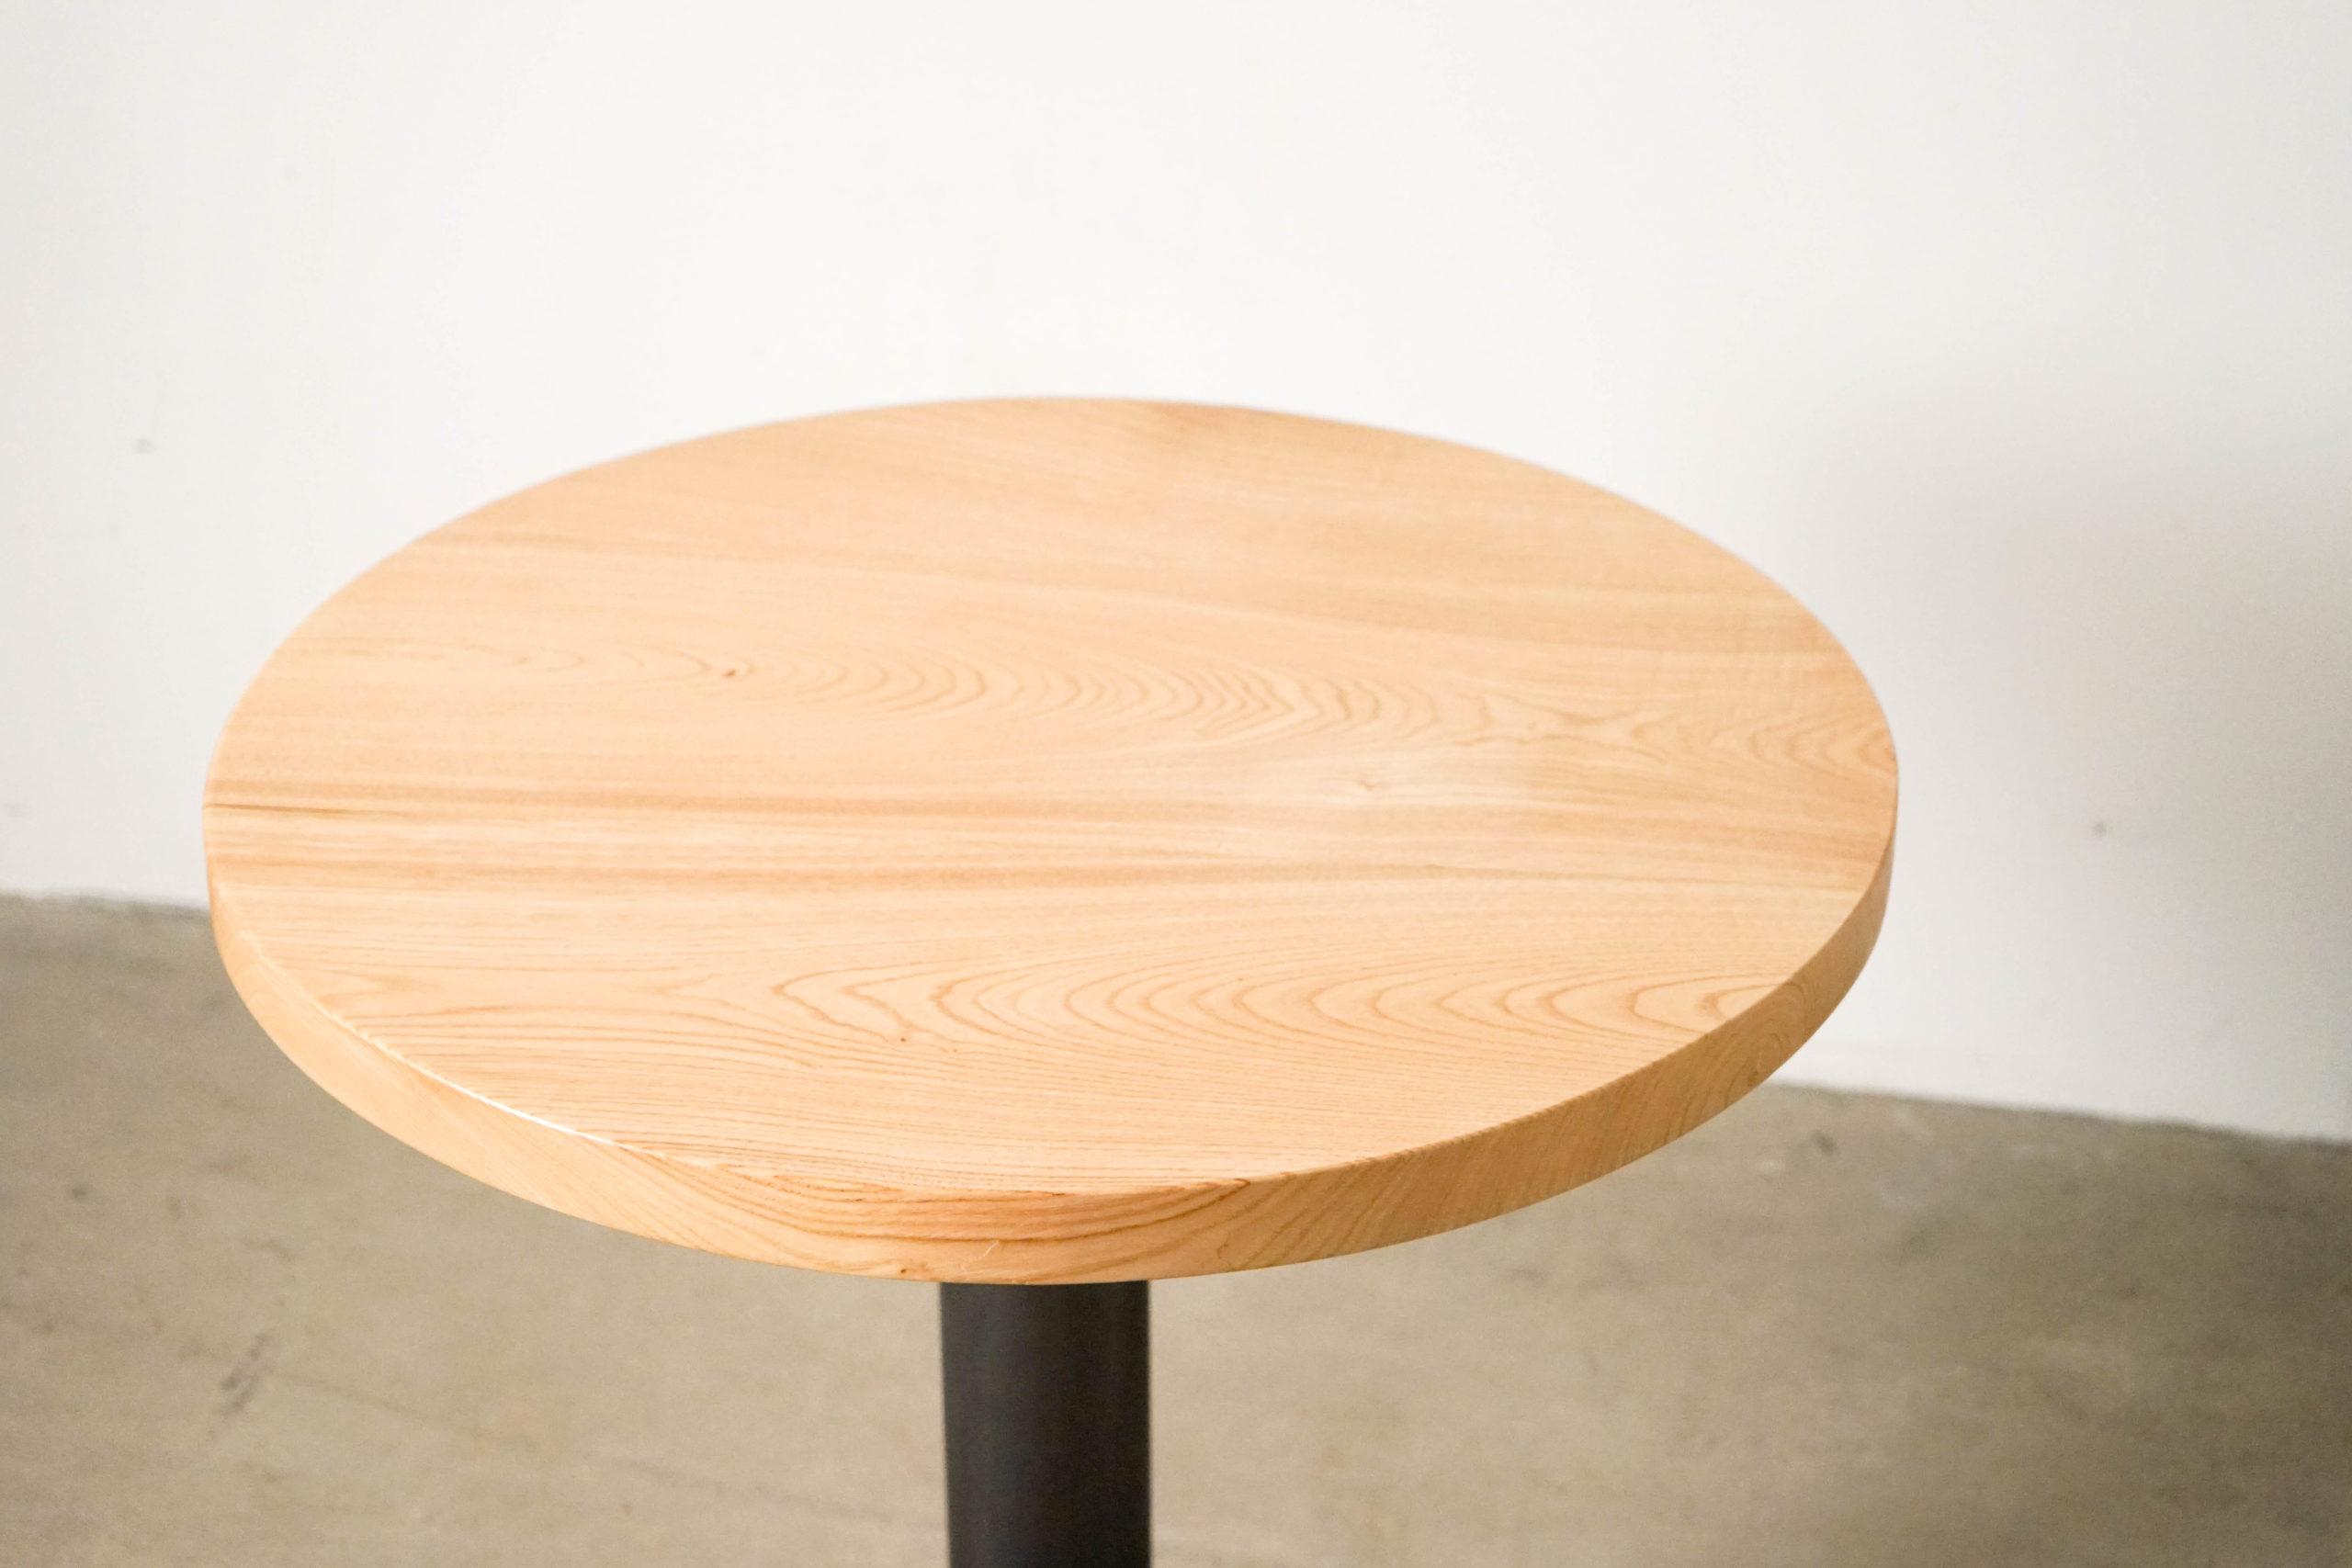 detalle veta sobre de madera de castaño